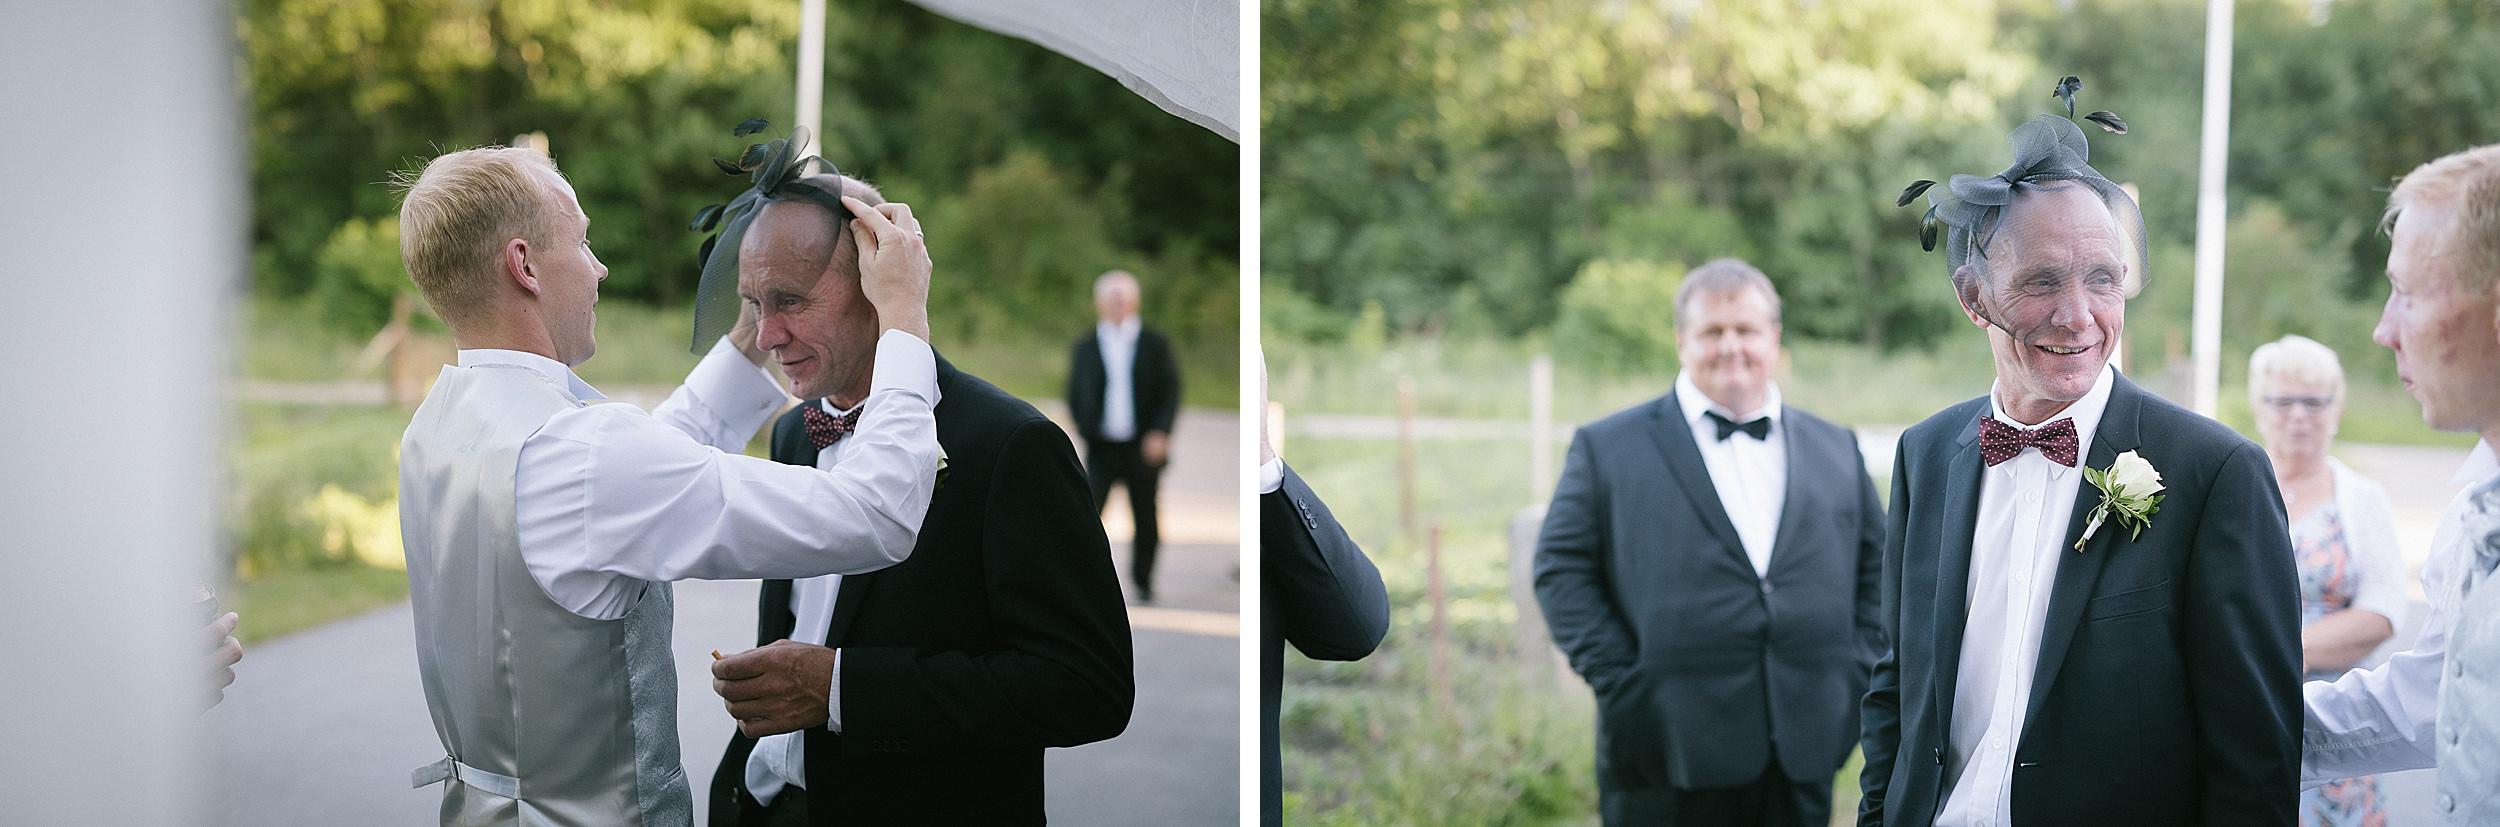 Heldags-bryllupsfoto-june-thomas_0062.jpg